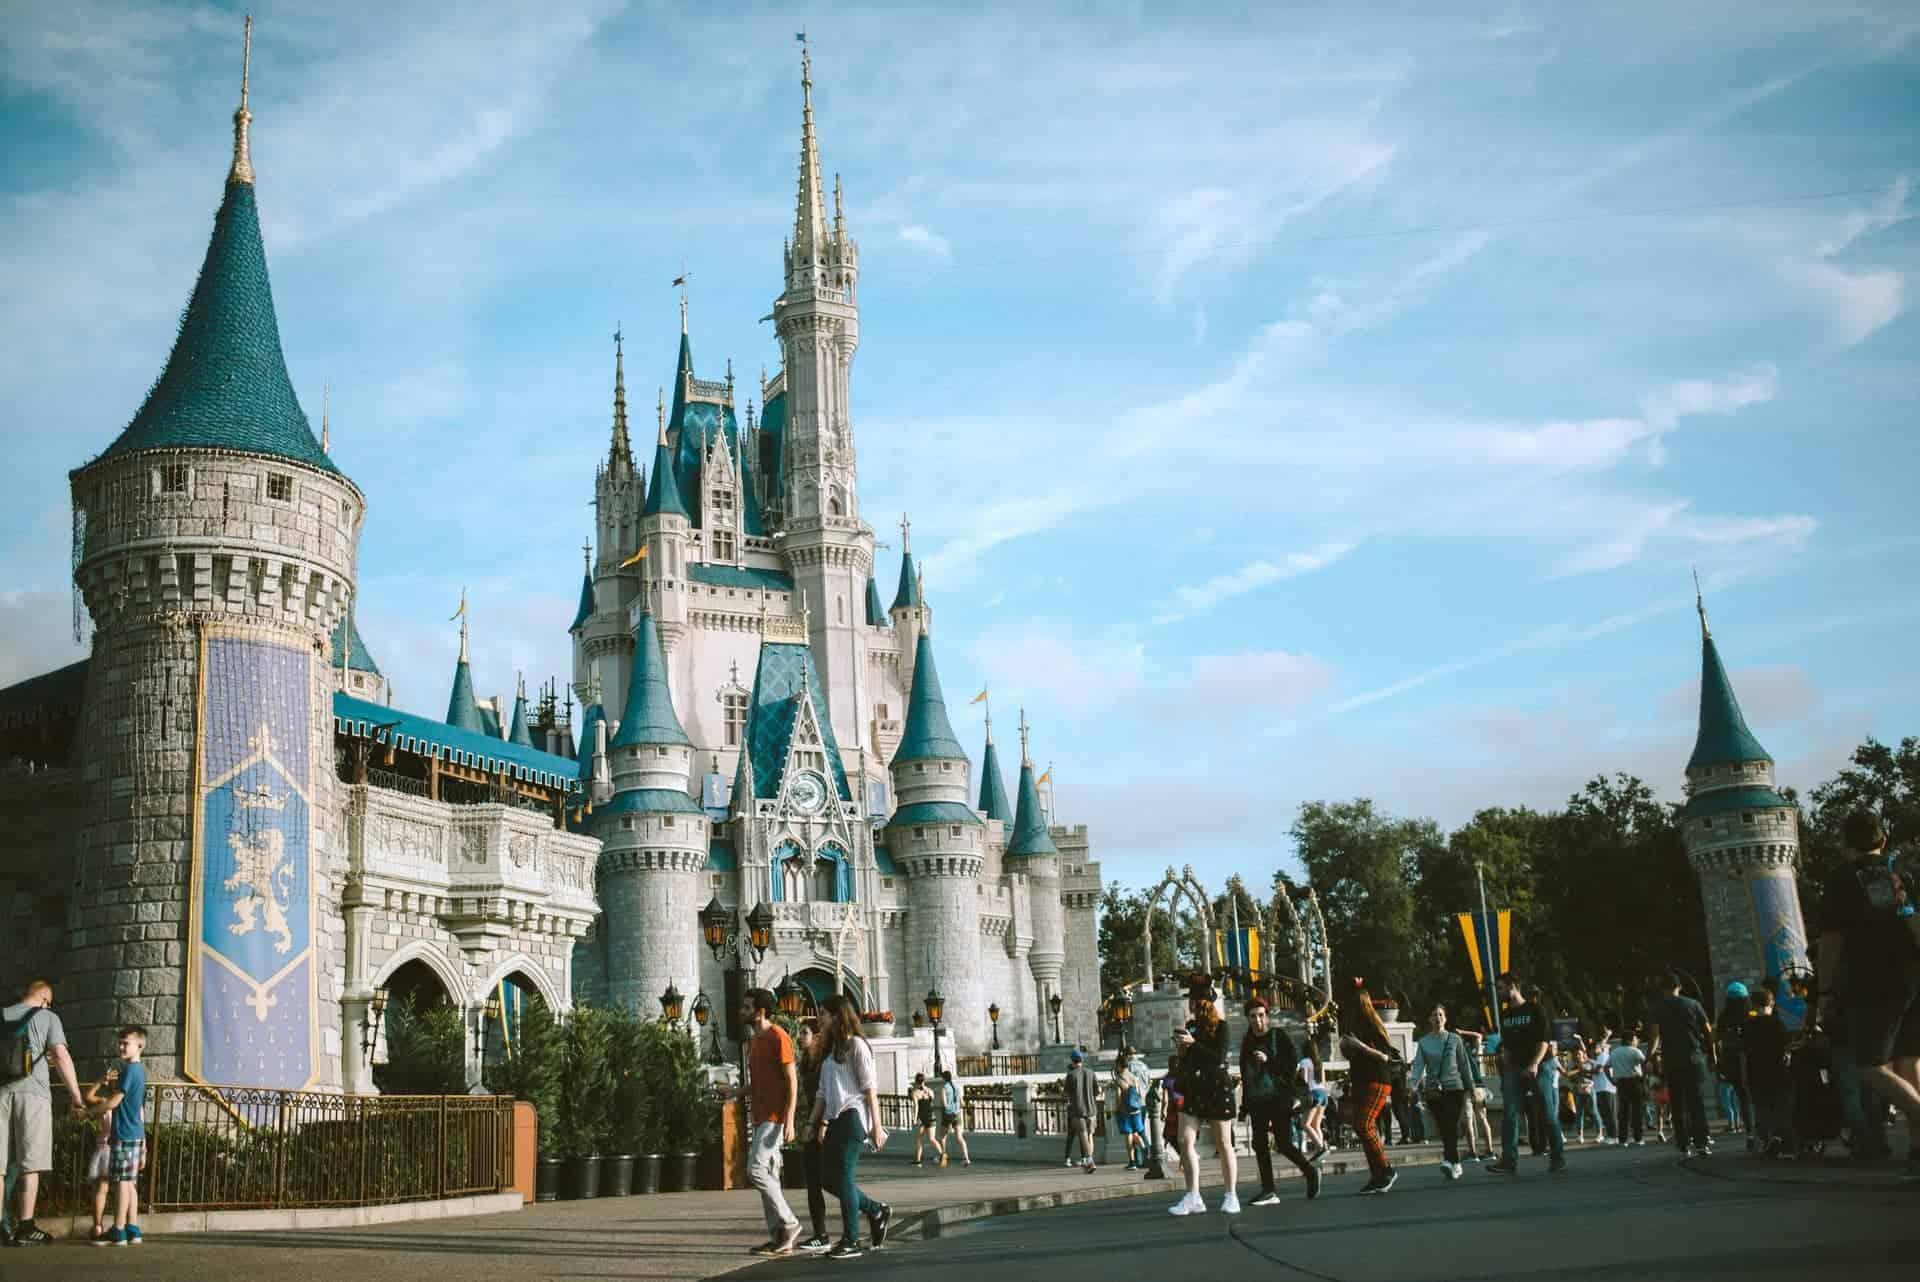 El uso de mascarillas en Disney World será opcional para las personas que estén vacunadas contra el COVID-19